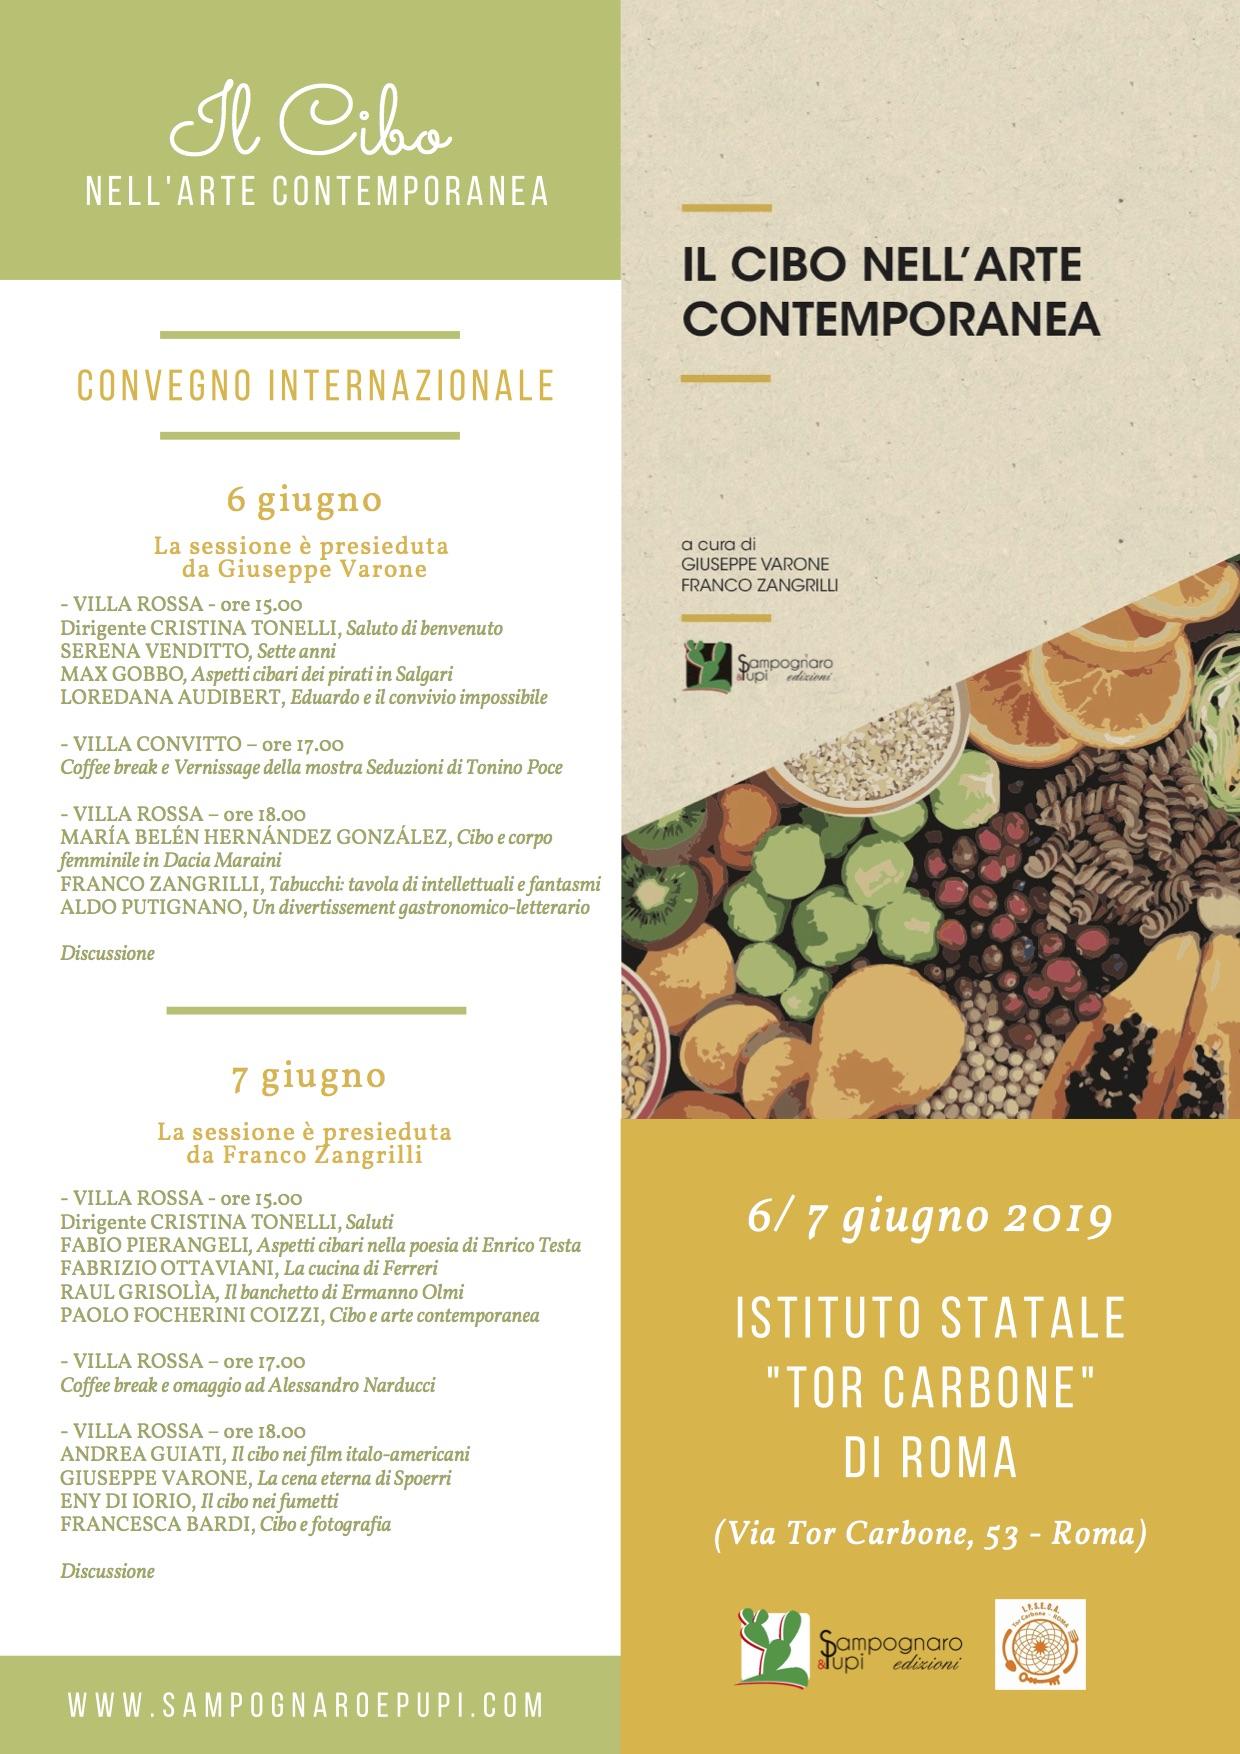 Locandina_Il Cibo nell'Arte contemporanea - convegno-.jpg